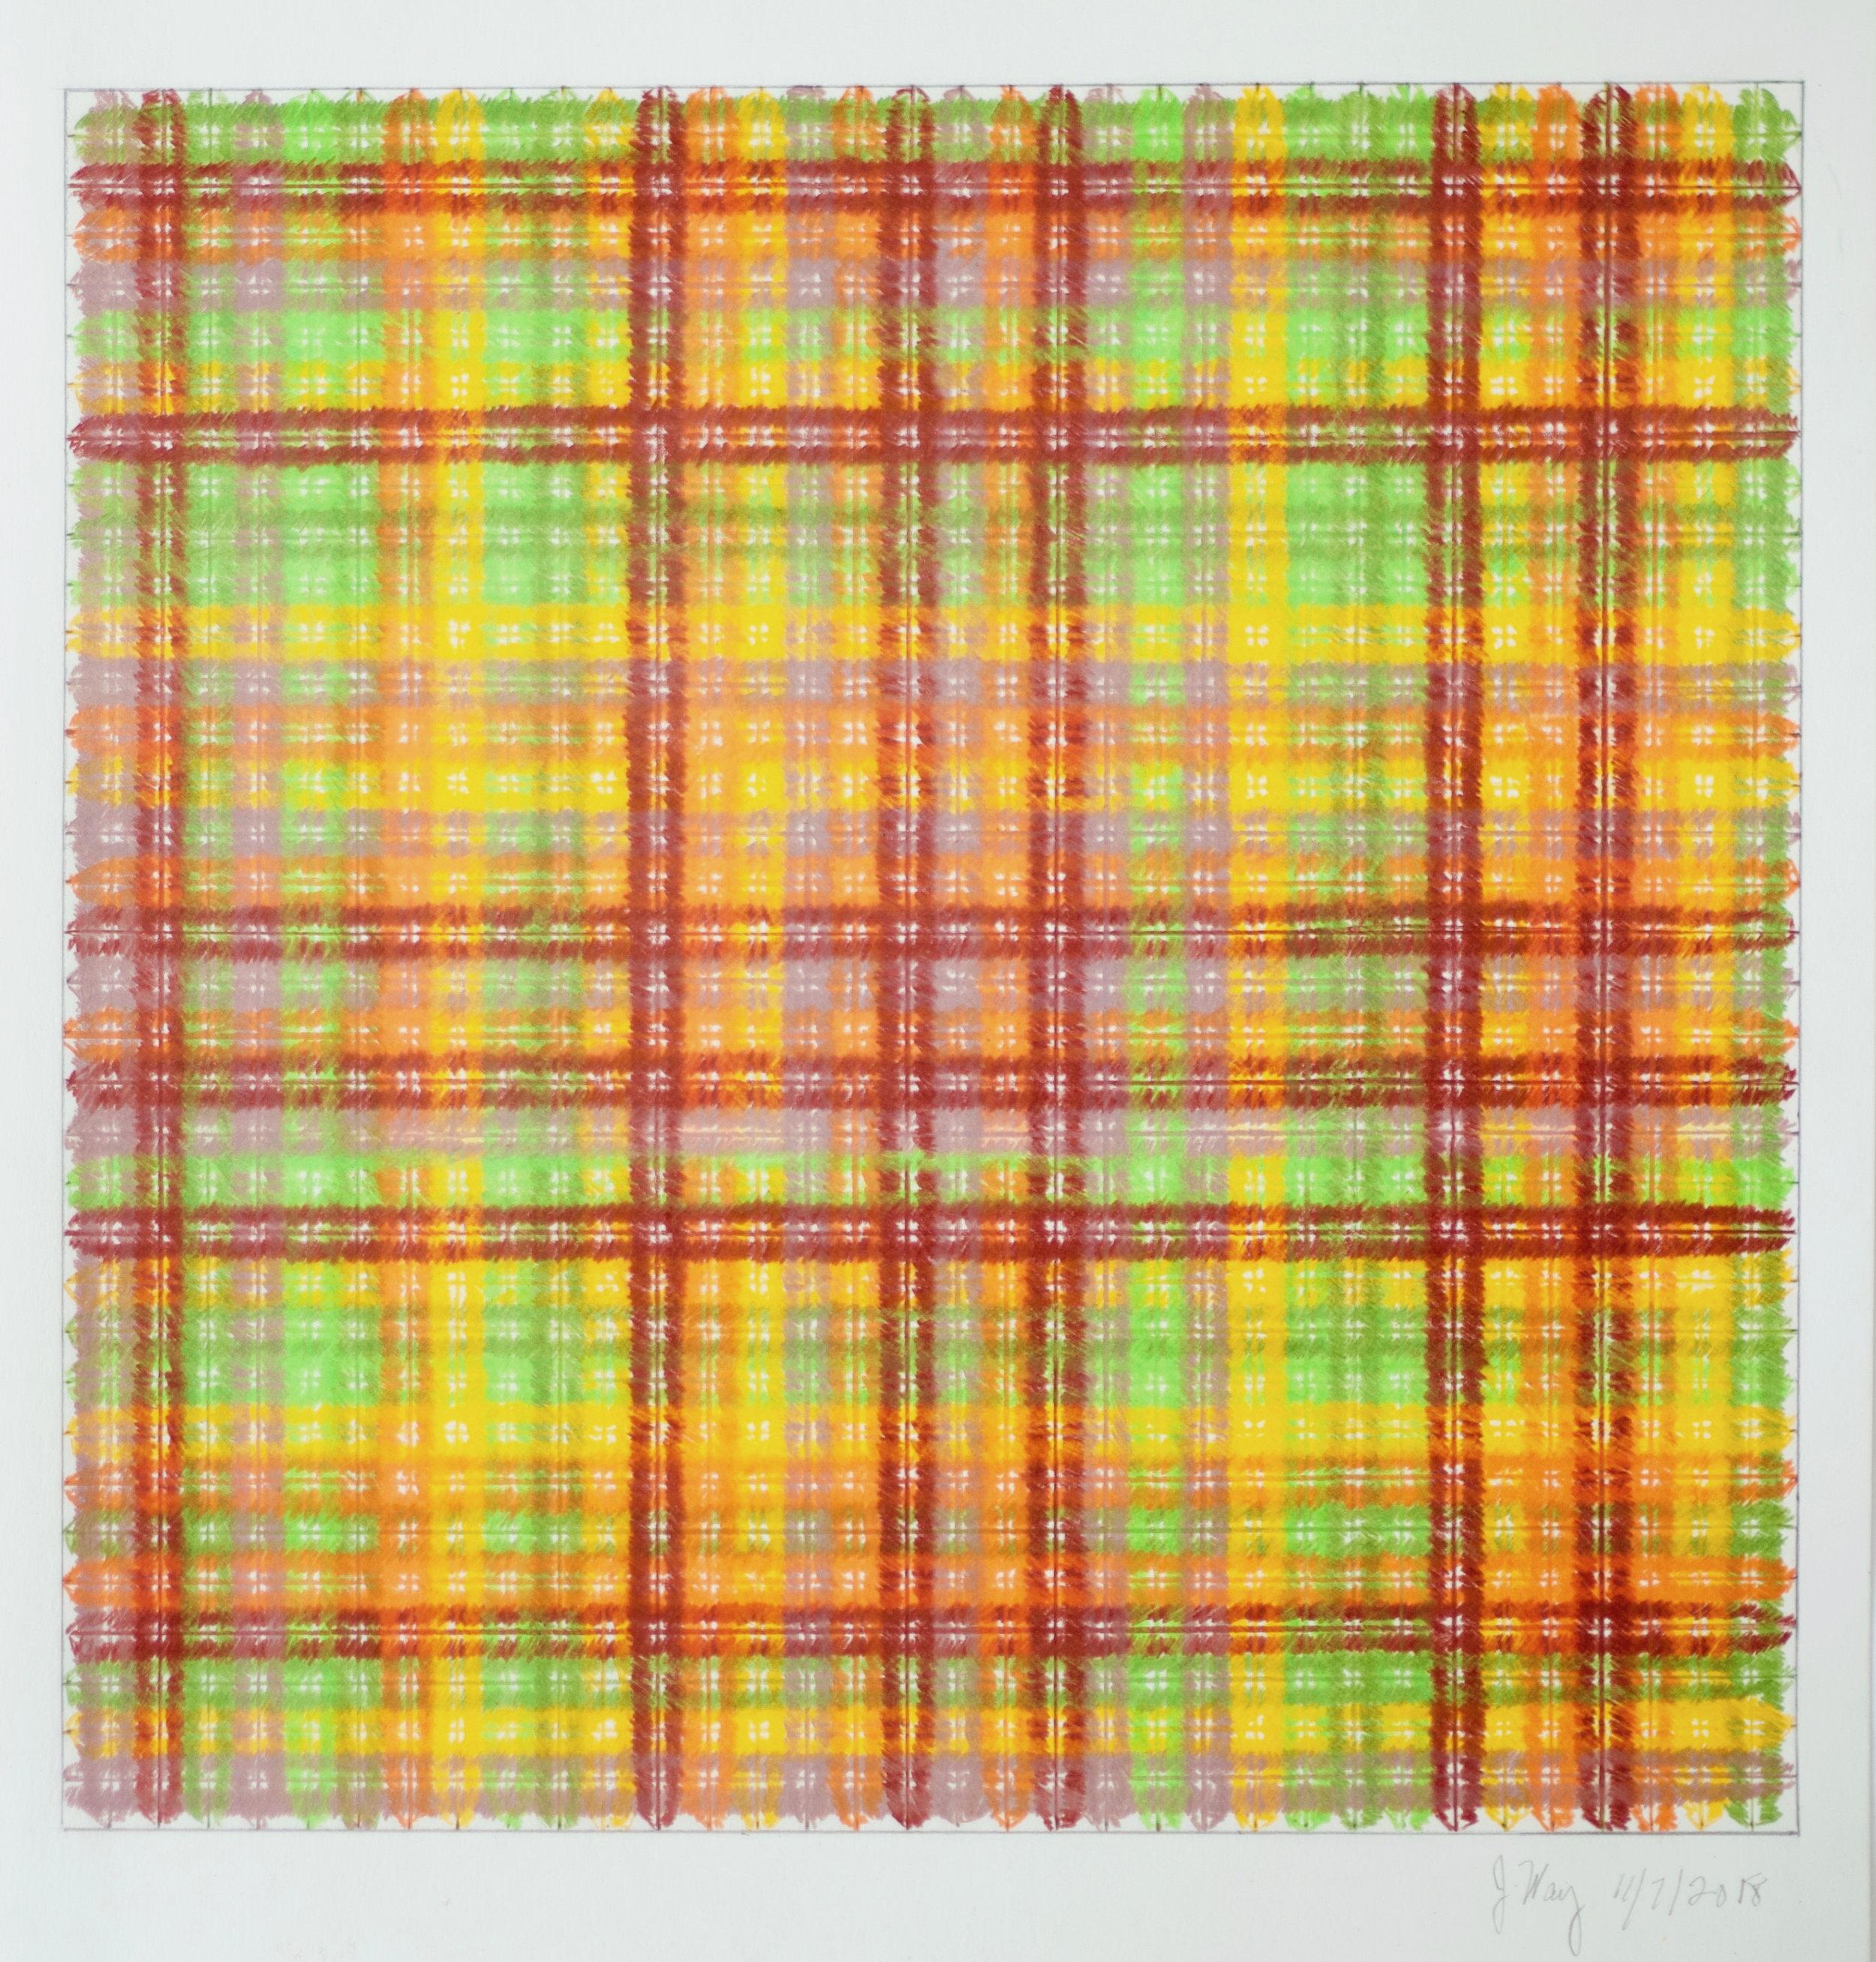 Eccentric Squares 11/7